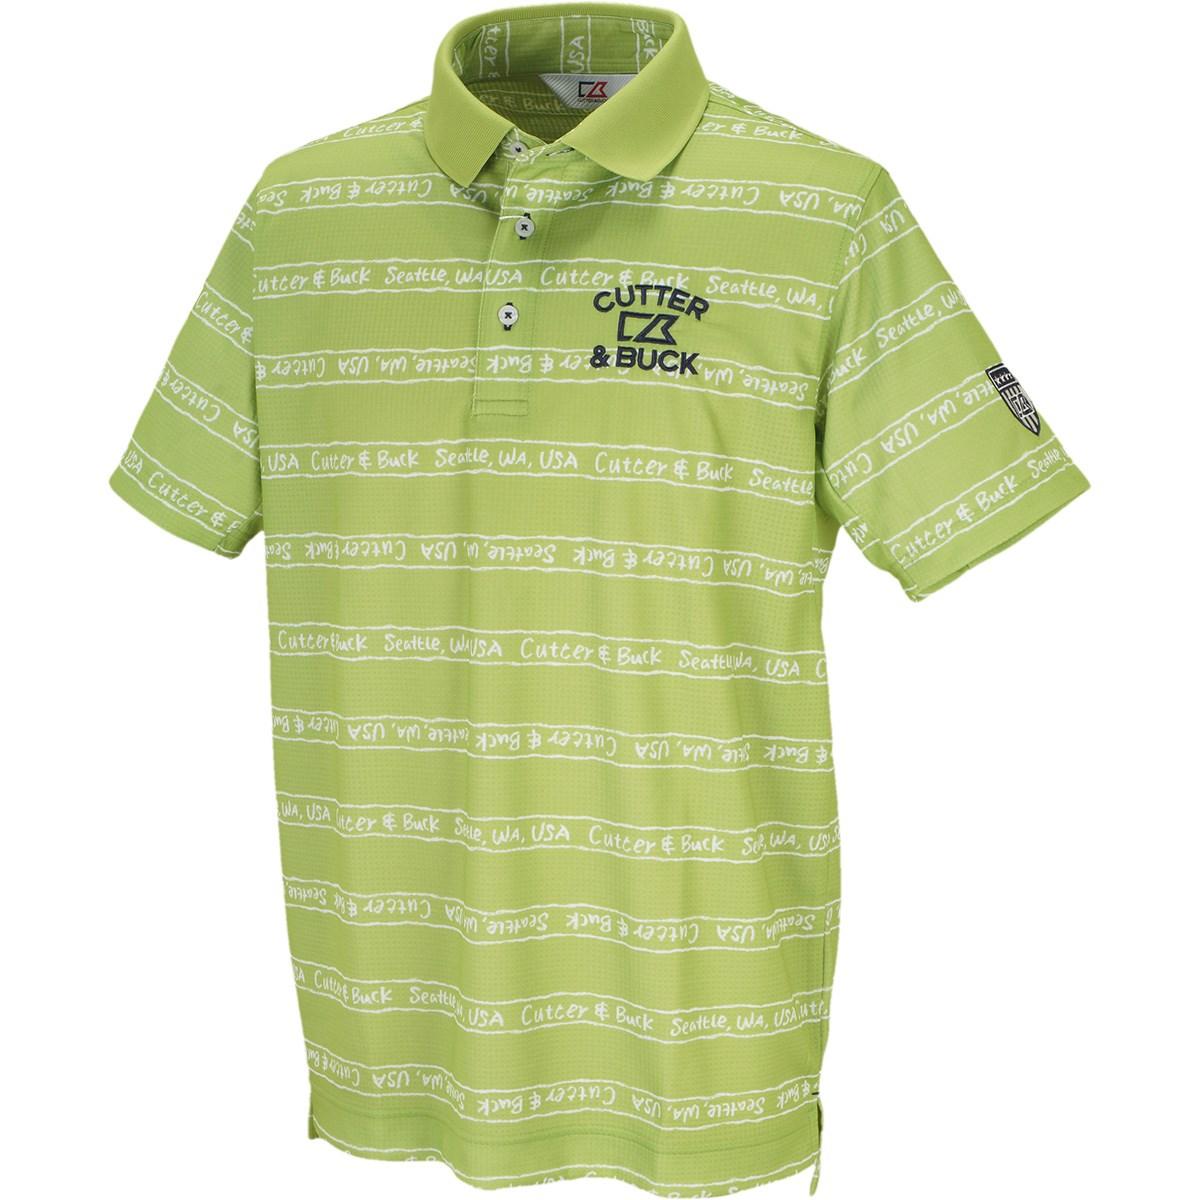 カッター&バック クーリストD-TECプリント半袖ニットポロシャツ